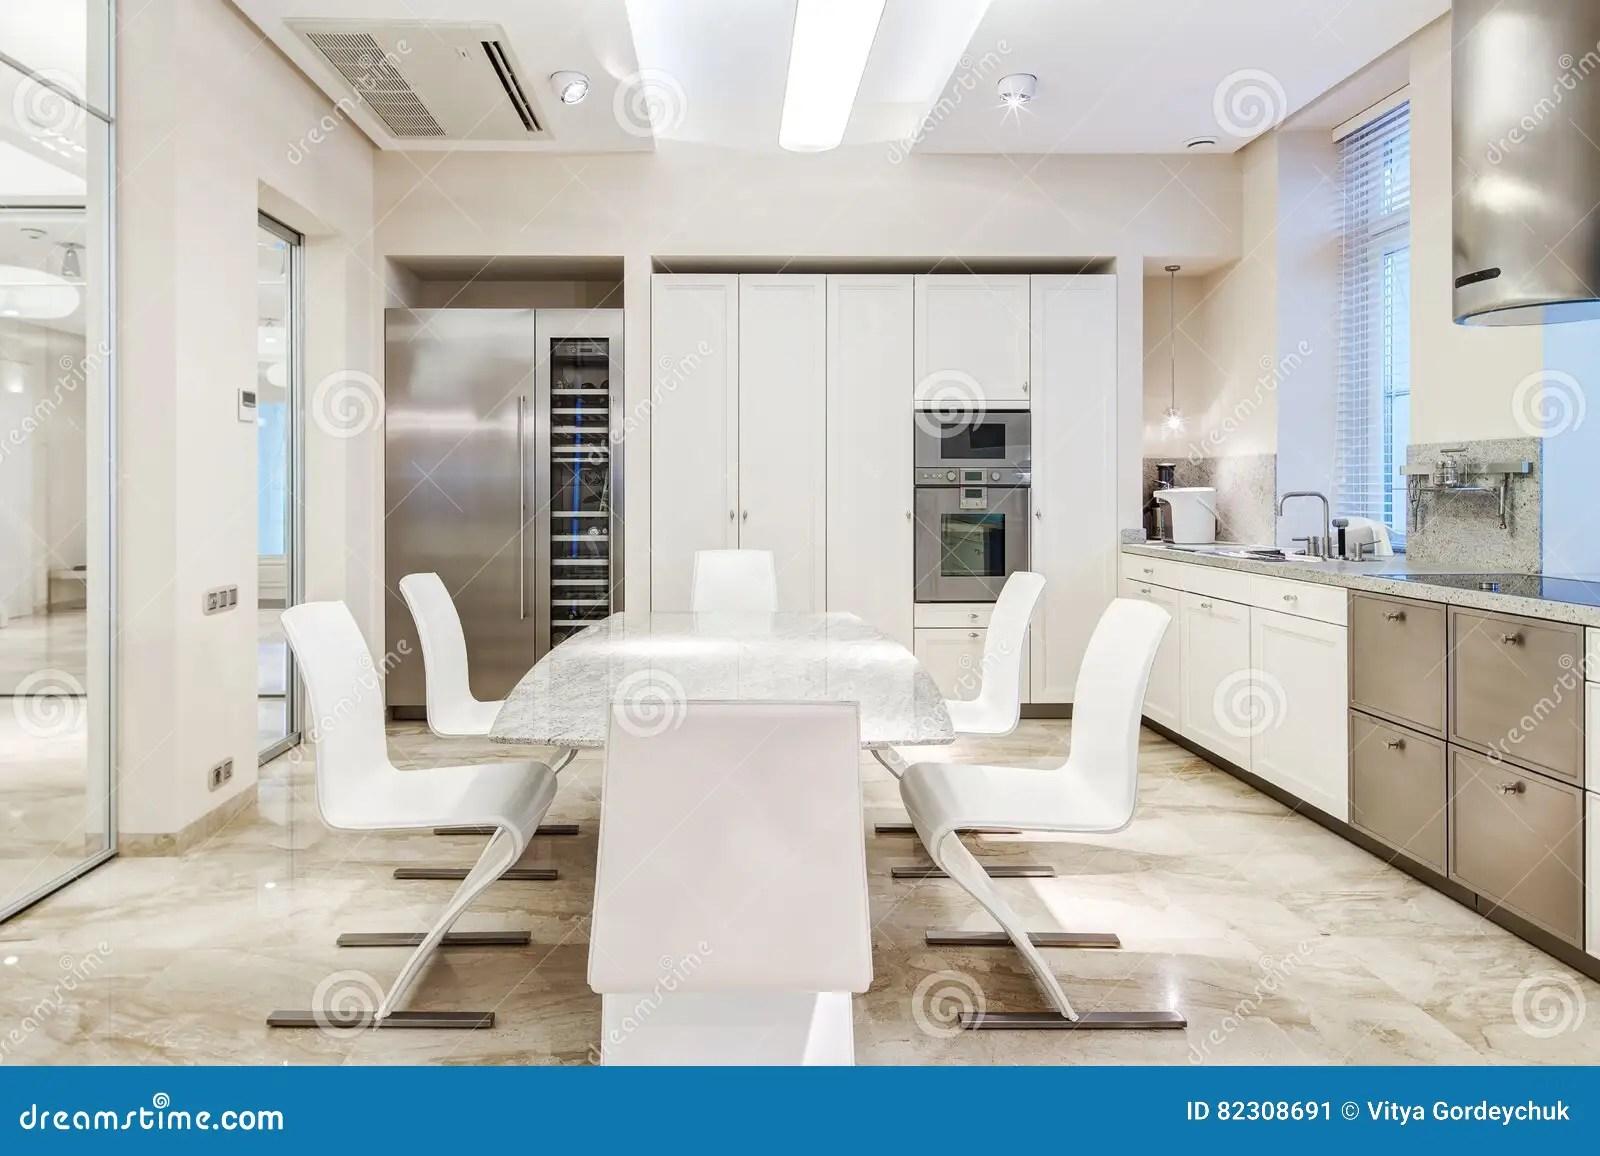 Cucina Di Lusso | Progetta La Cucina Meglio Di Altezza Bancone Snack ...